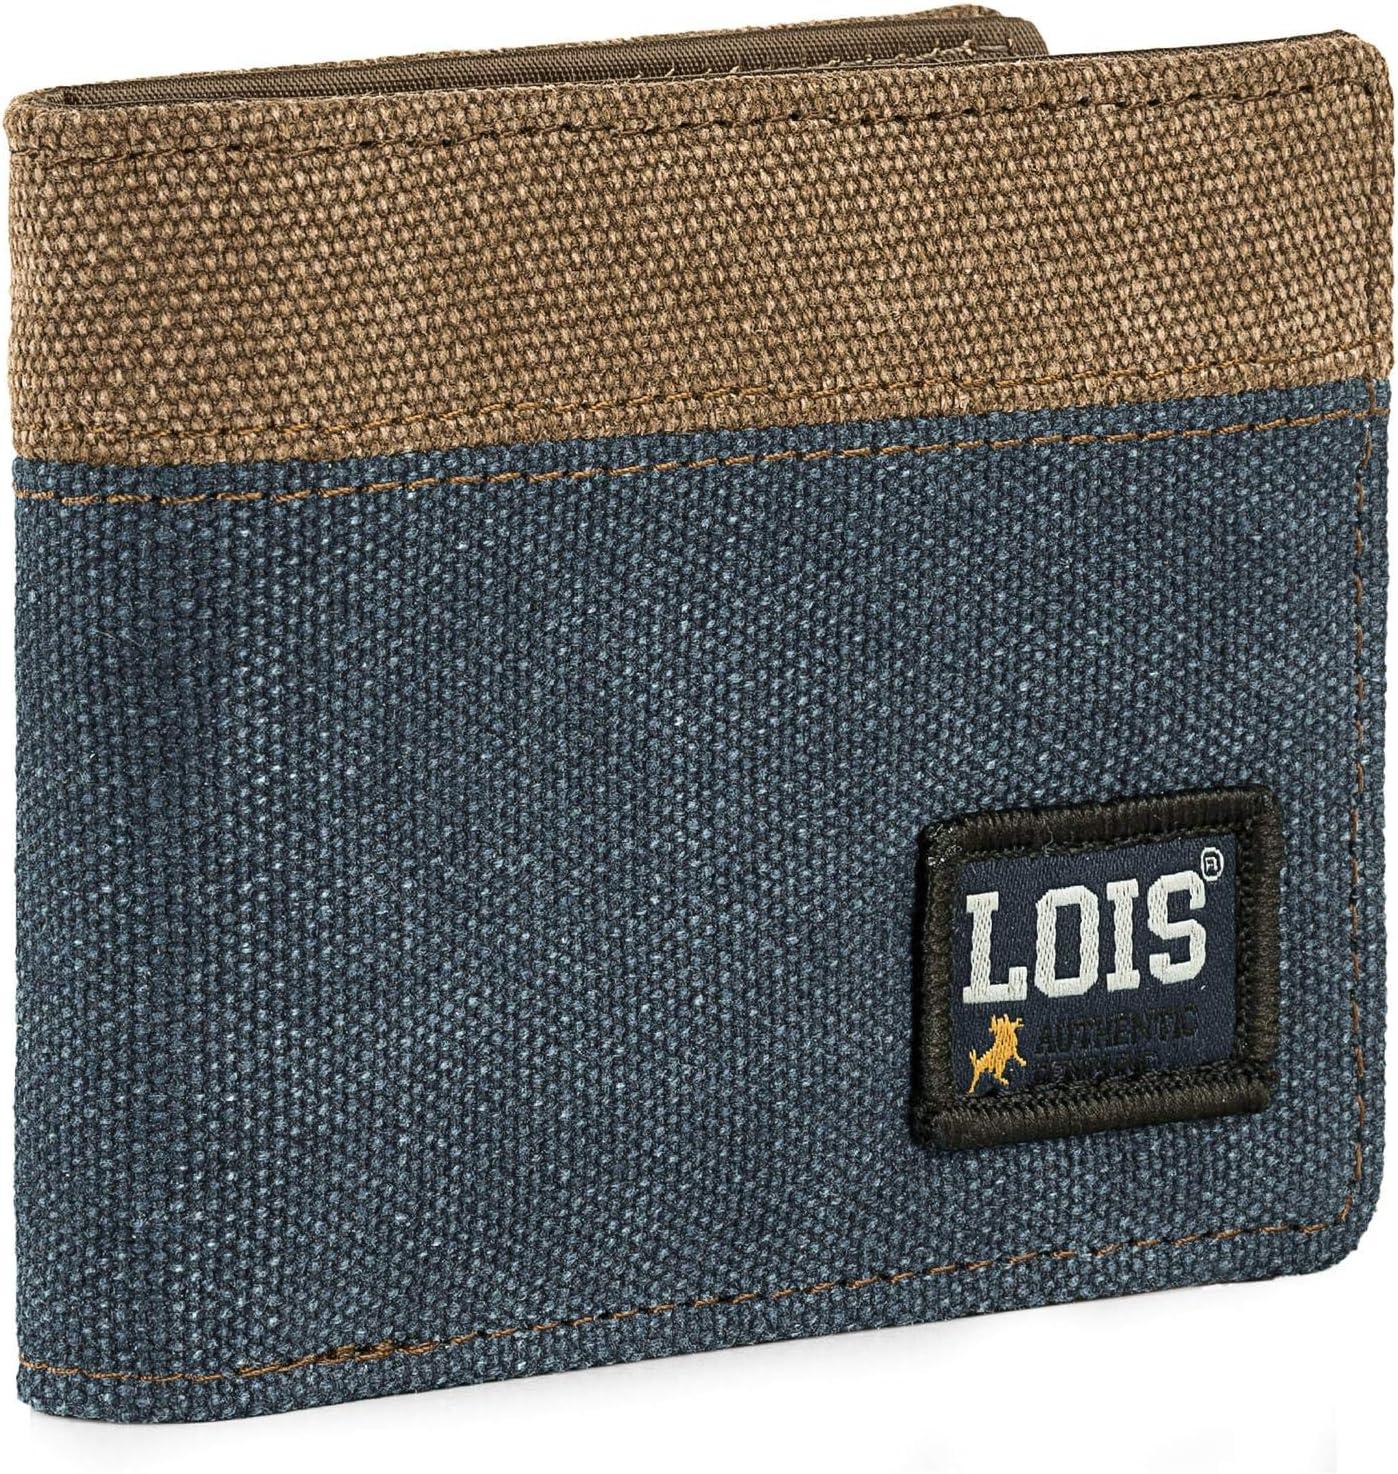 Lois - Cartera de Hombre Juvenil de Lona con Monedero, Tarjetero y Billetera. Compartimentos Traslúcidos para Documentación. Protección RFID. 203711